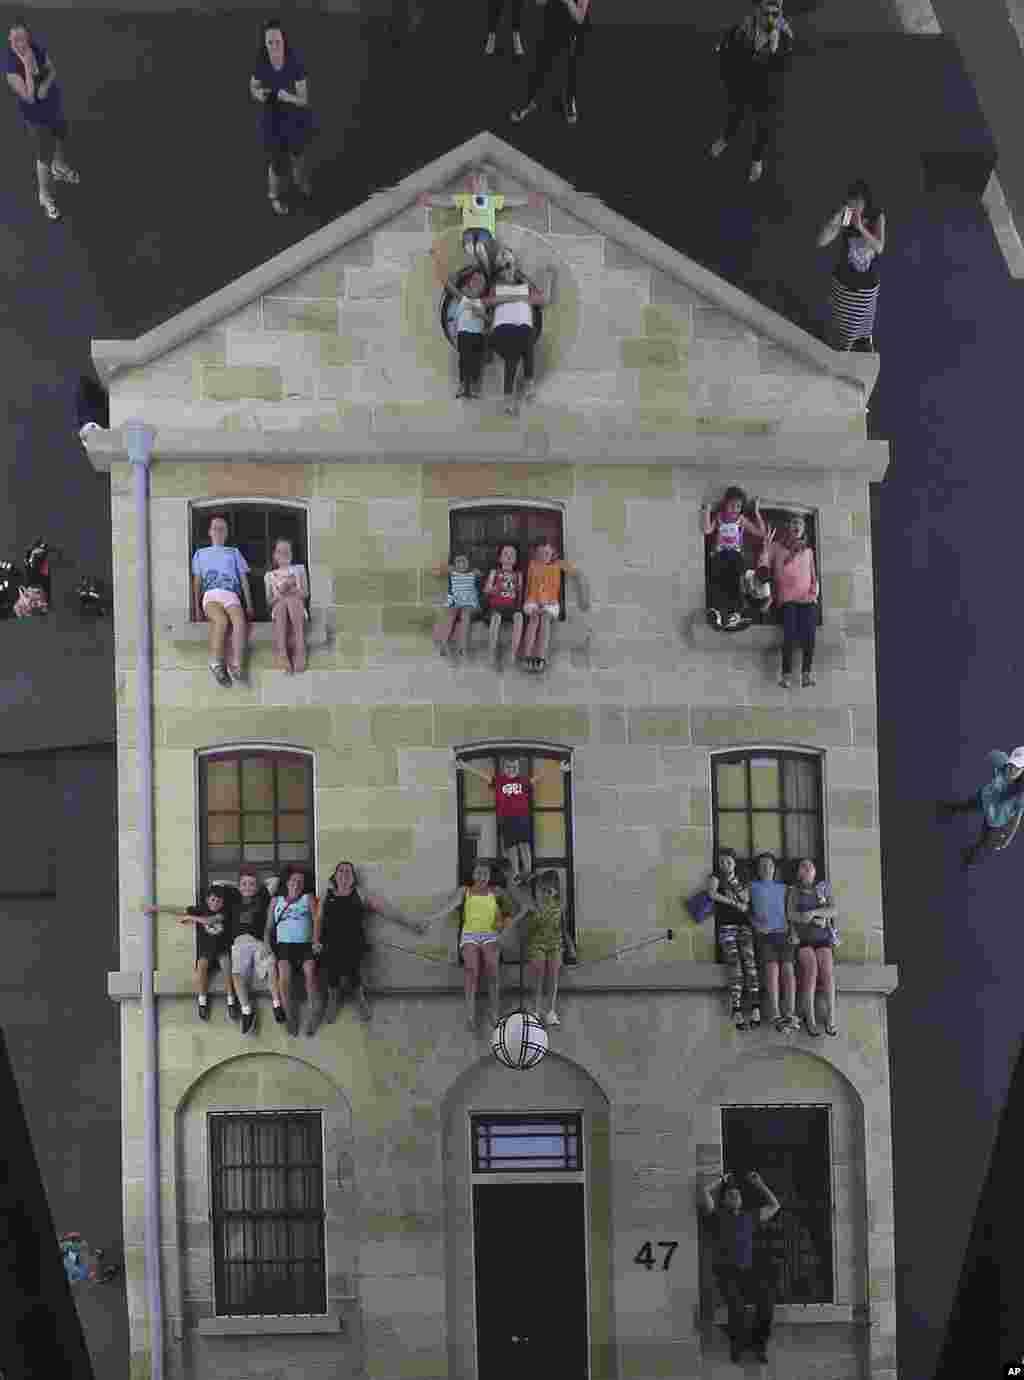 Para pengunjung pura-pura dalam posisi 'bergantung' di jendela sebuah gedung dalam pameran arsitektur unik di Sydney, Australia.